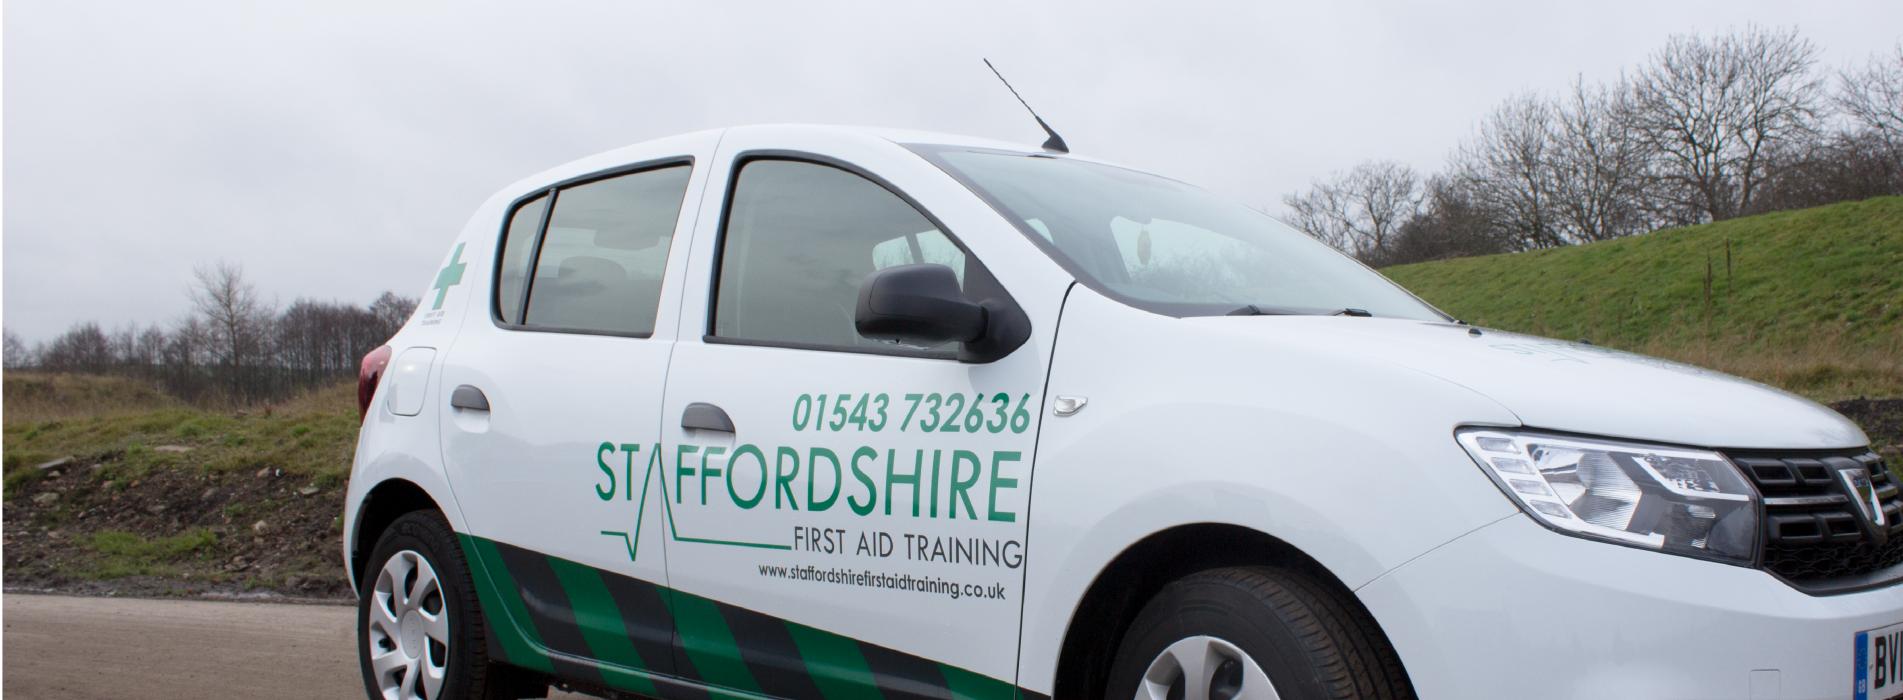 ashford first aid training